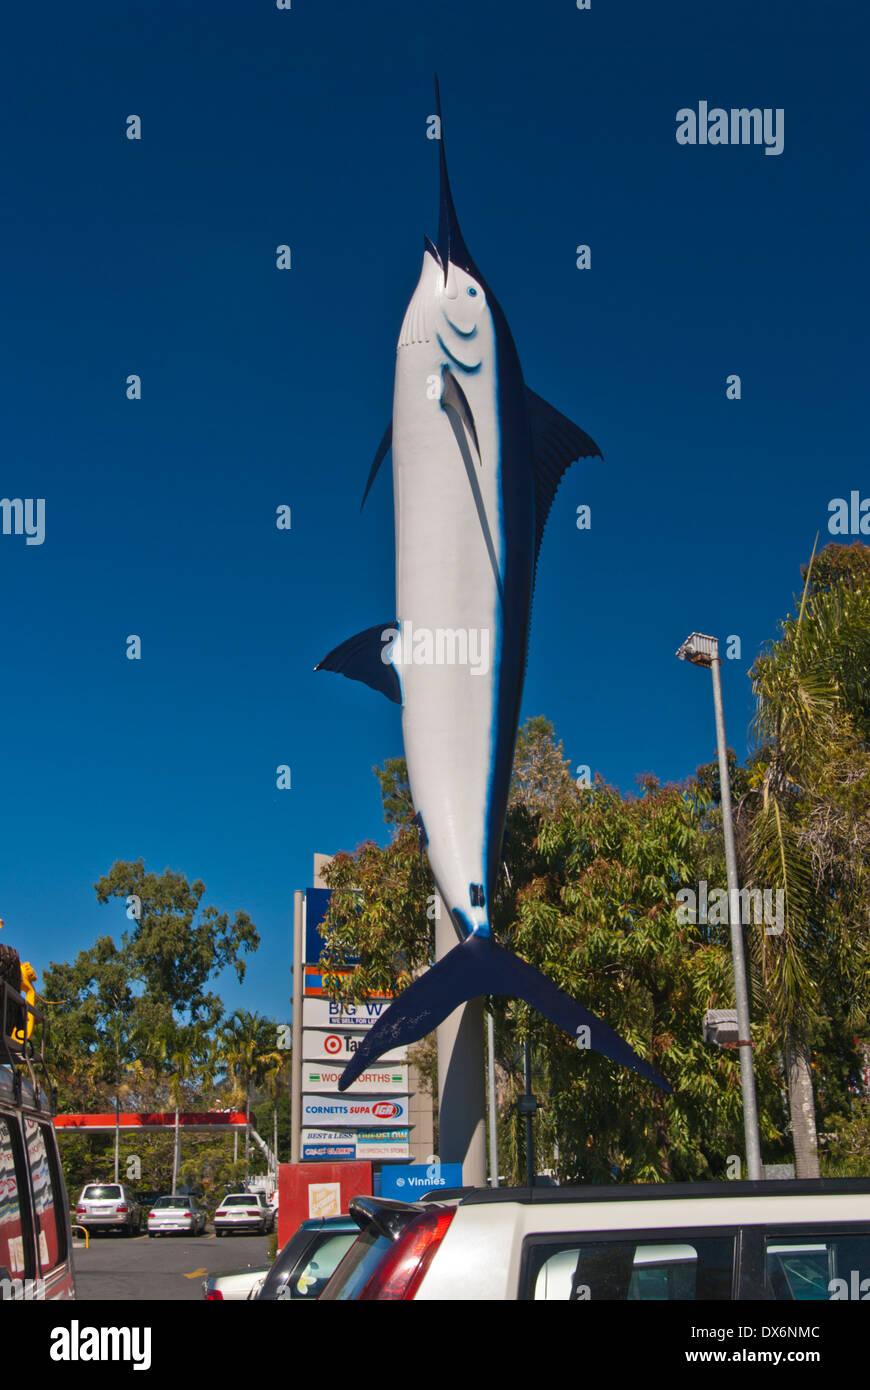 Big Advert Stock Photos & Big Advert Stock Images - Alamy